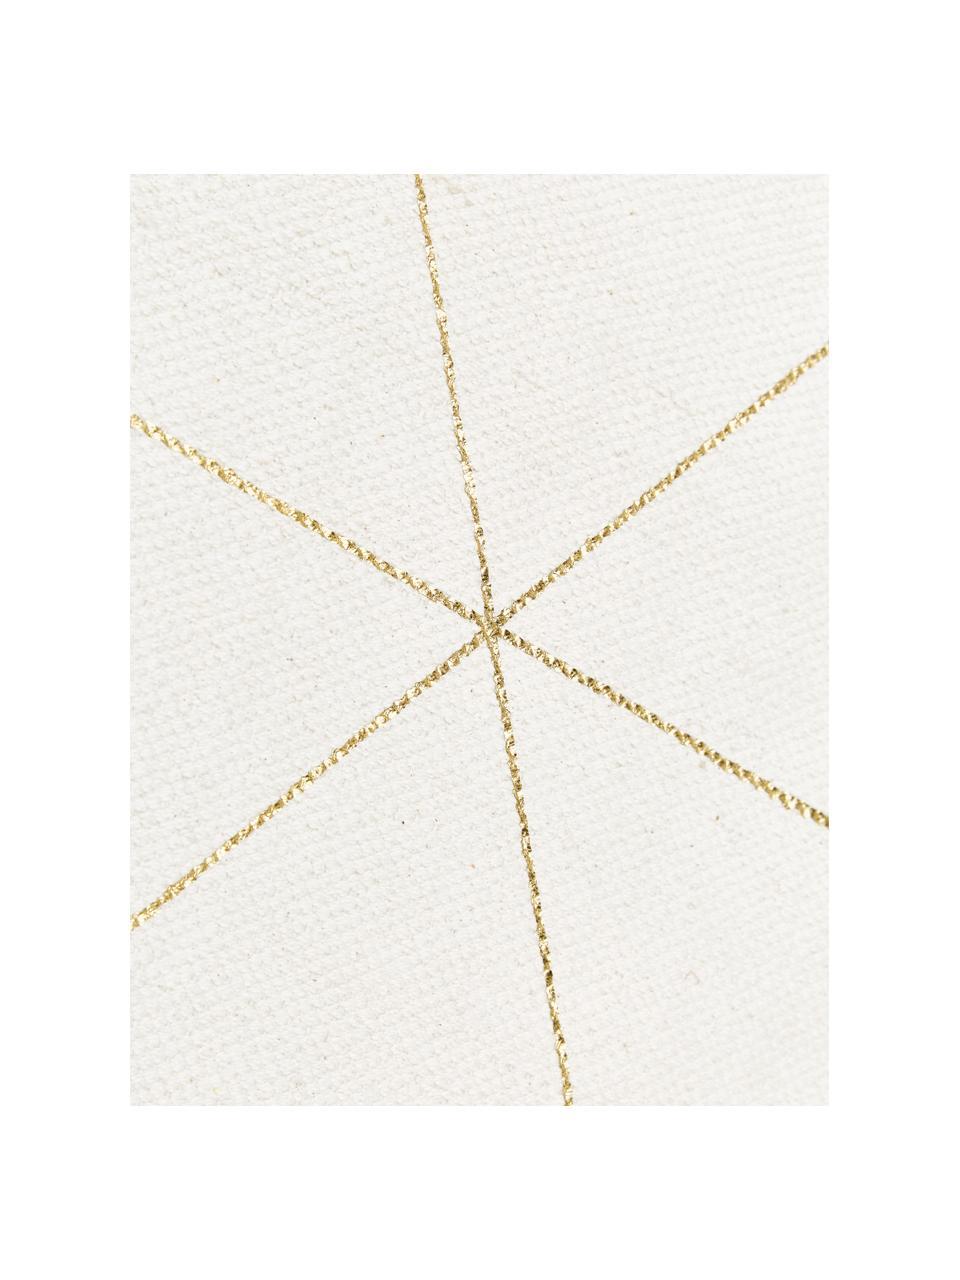 Flachgewebter Baumwollteppich Yena in Beige/Goldfarben mit Fransenabschluss, Beige, Gold, B 50 x L 80 cm (Größe XXS)